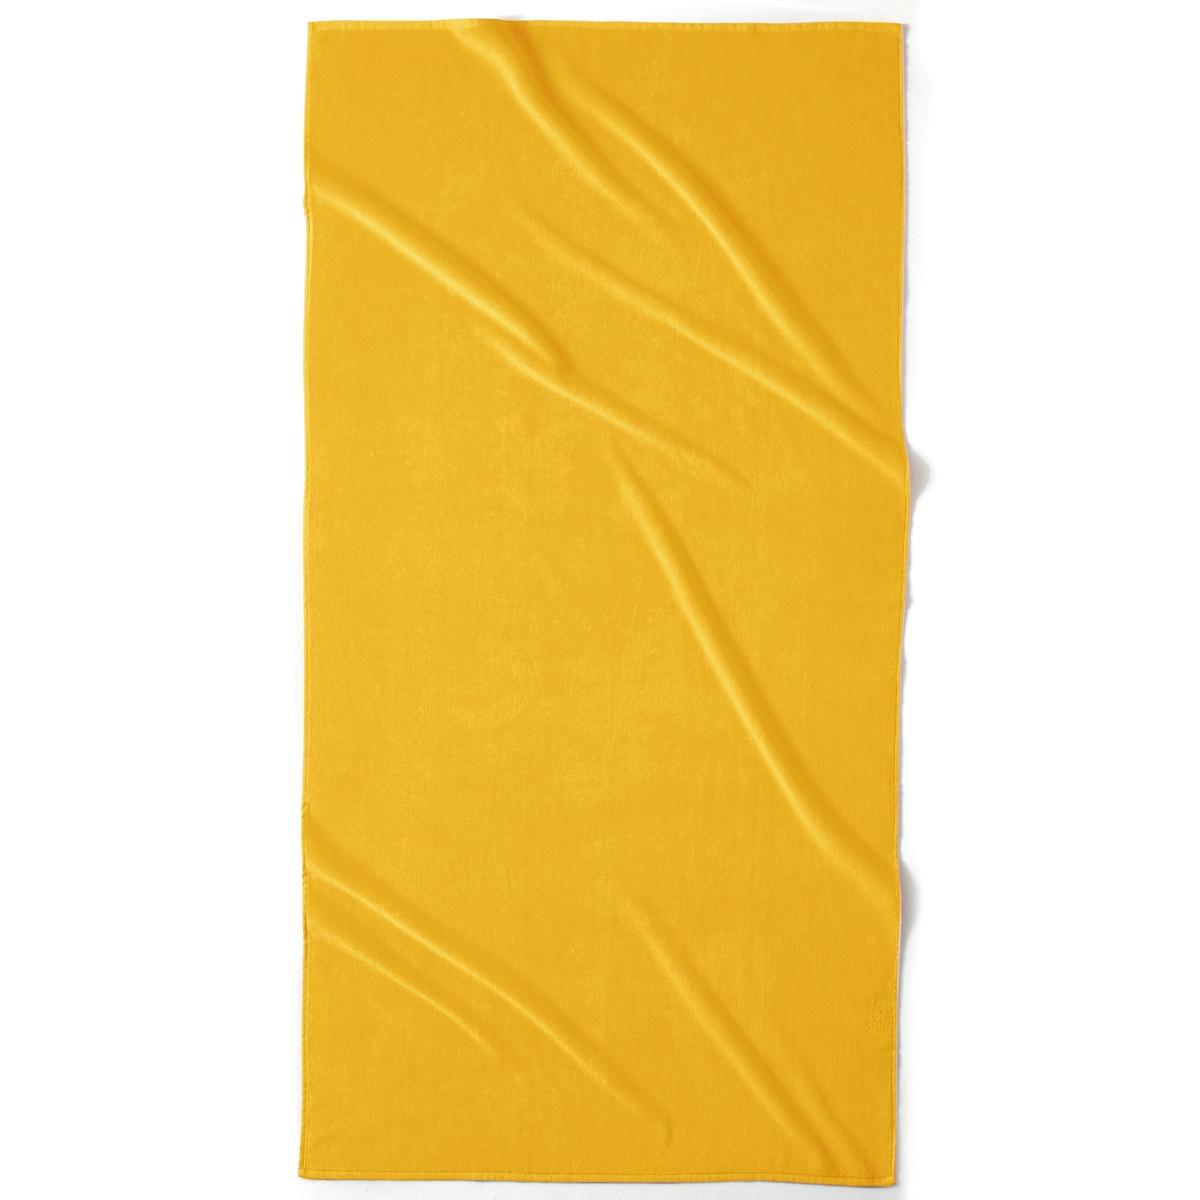 Полотенце La Redoute Пляжное из велюра 420 гм SCENARIO единый размер желтый комплект из банных принадлежностей la redoute из махровой ткани гм scenario единый размер белый